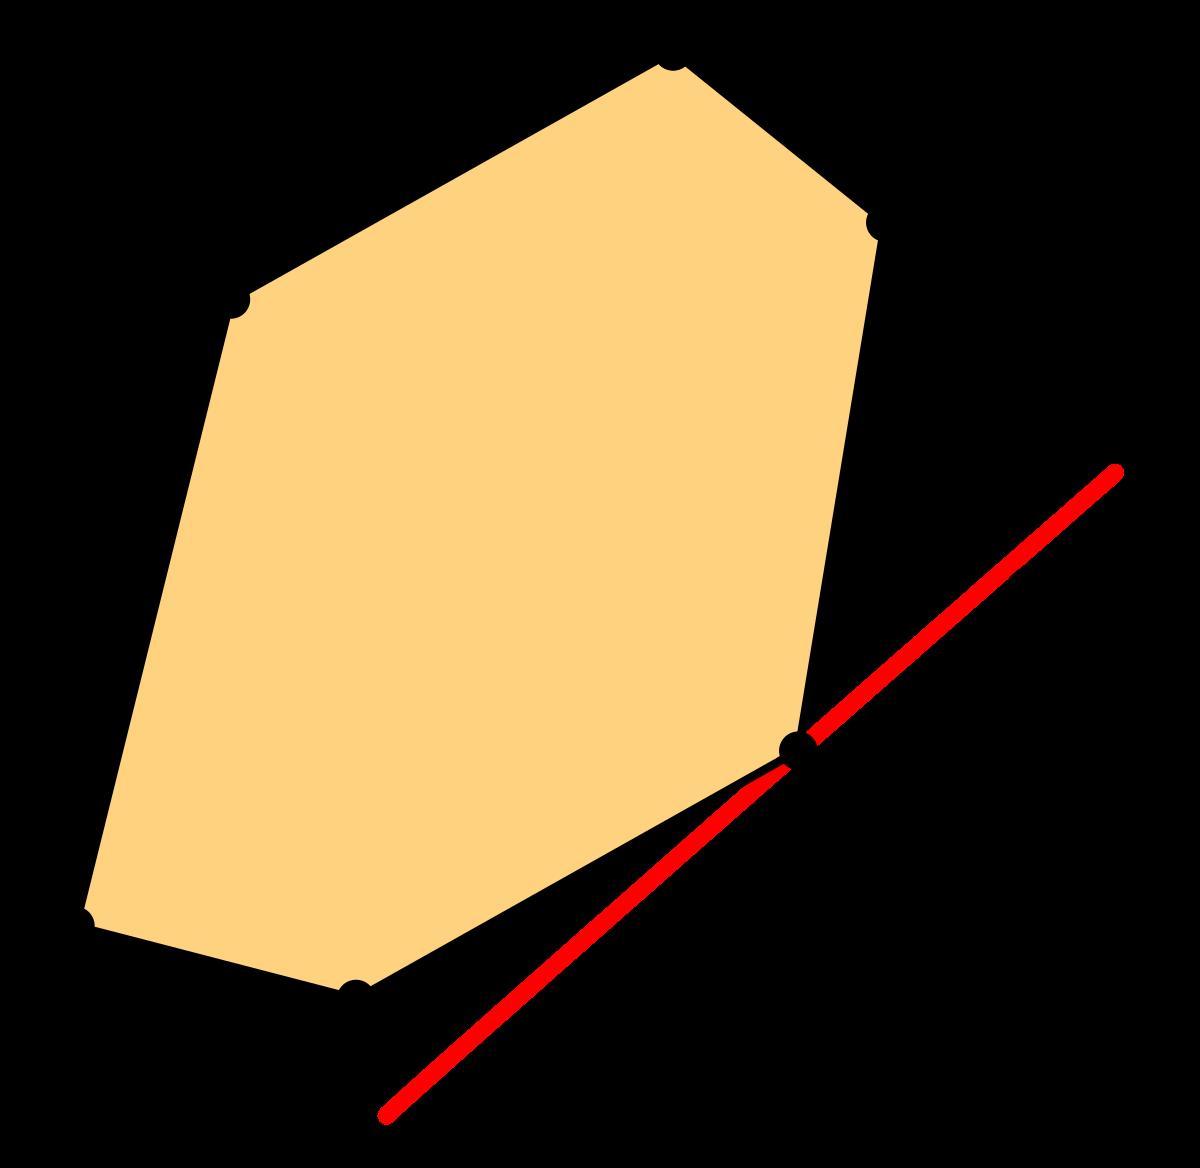 Programming wikipedia . Economics clipart linear graph